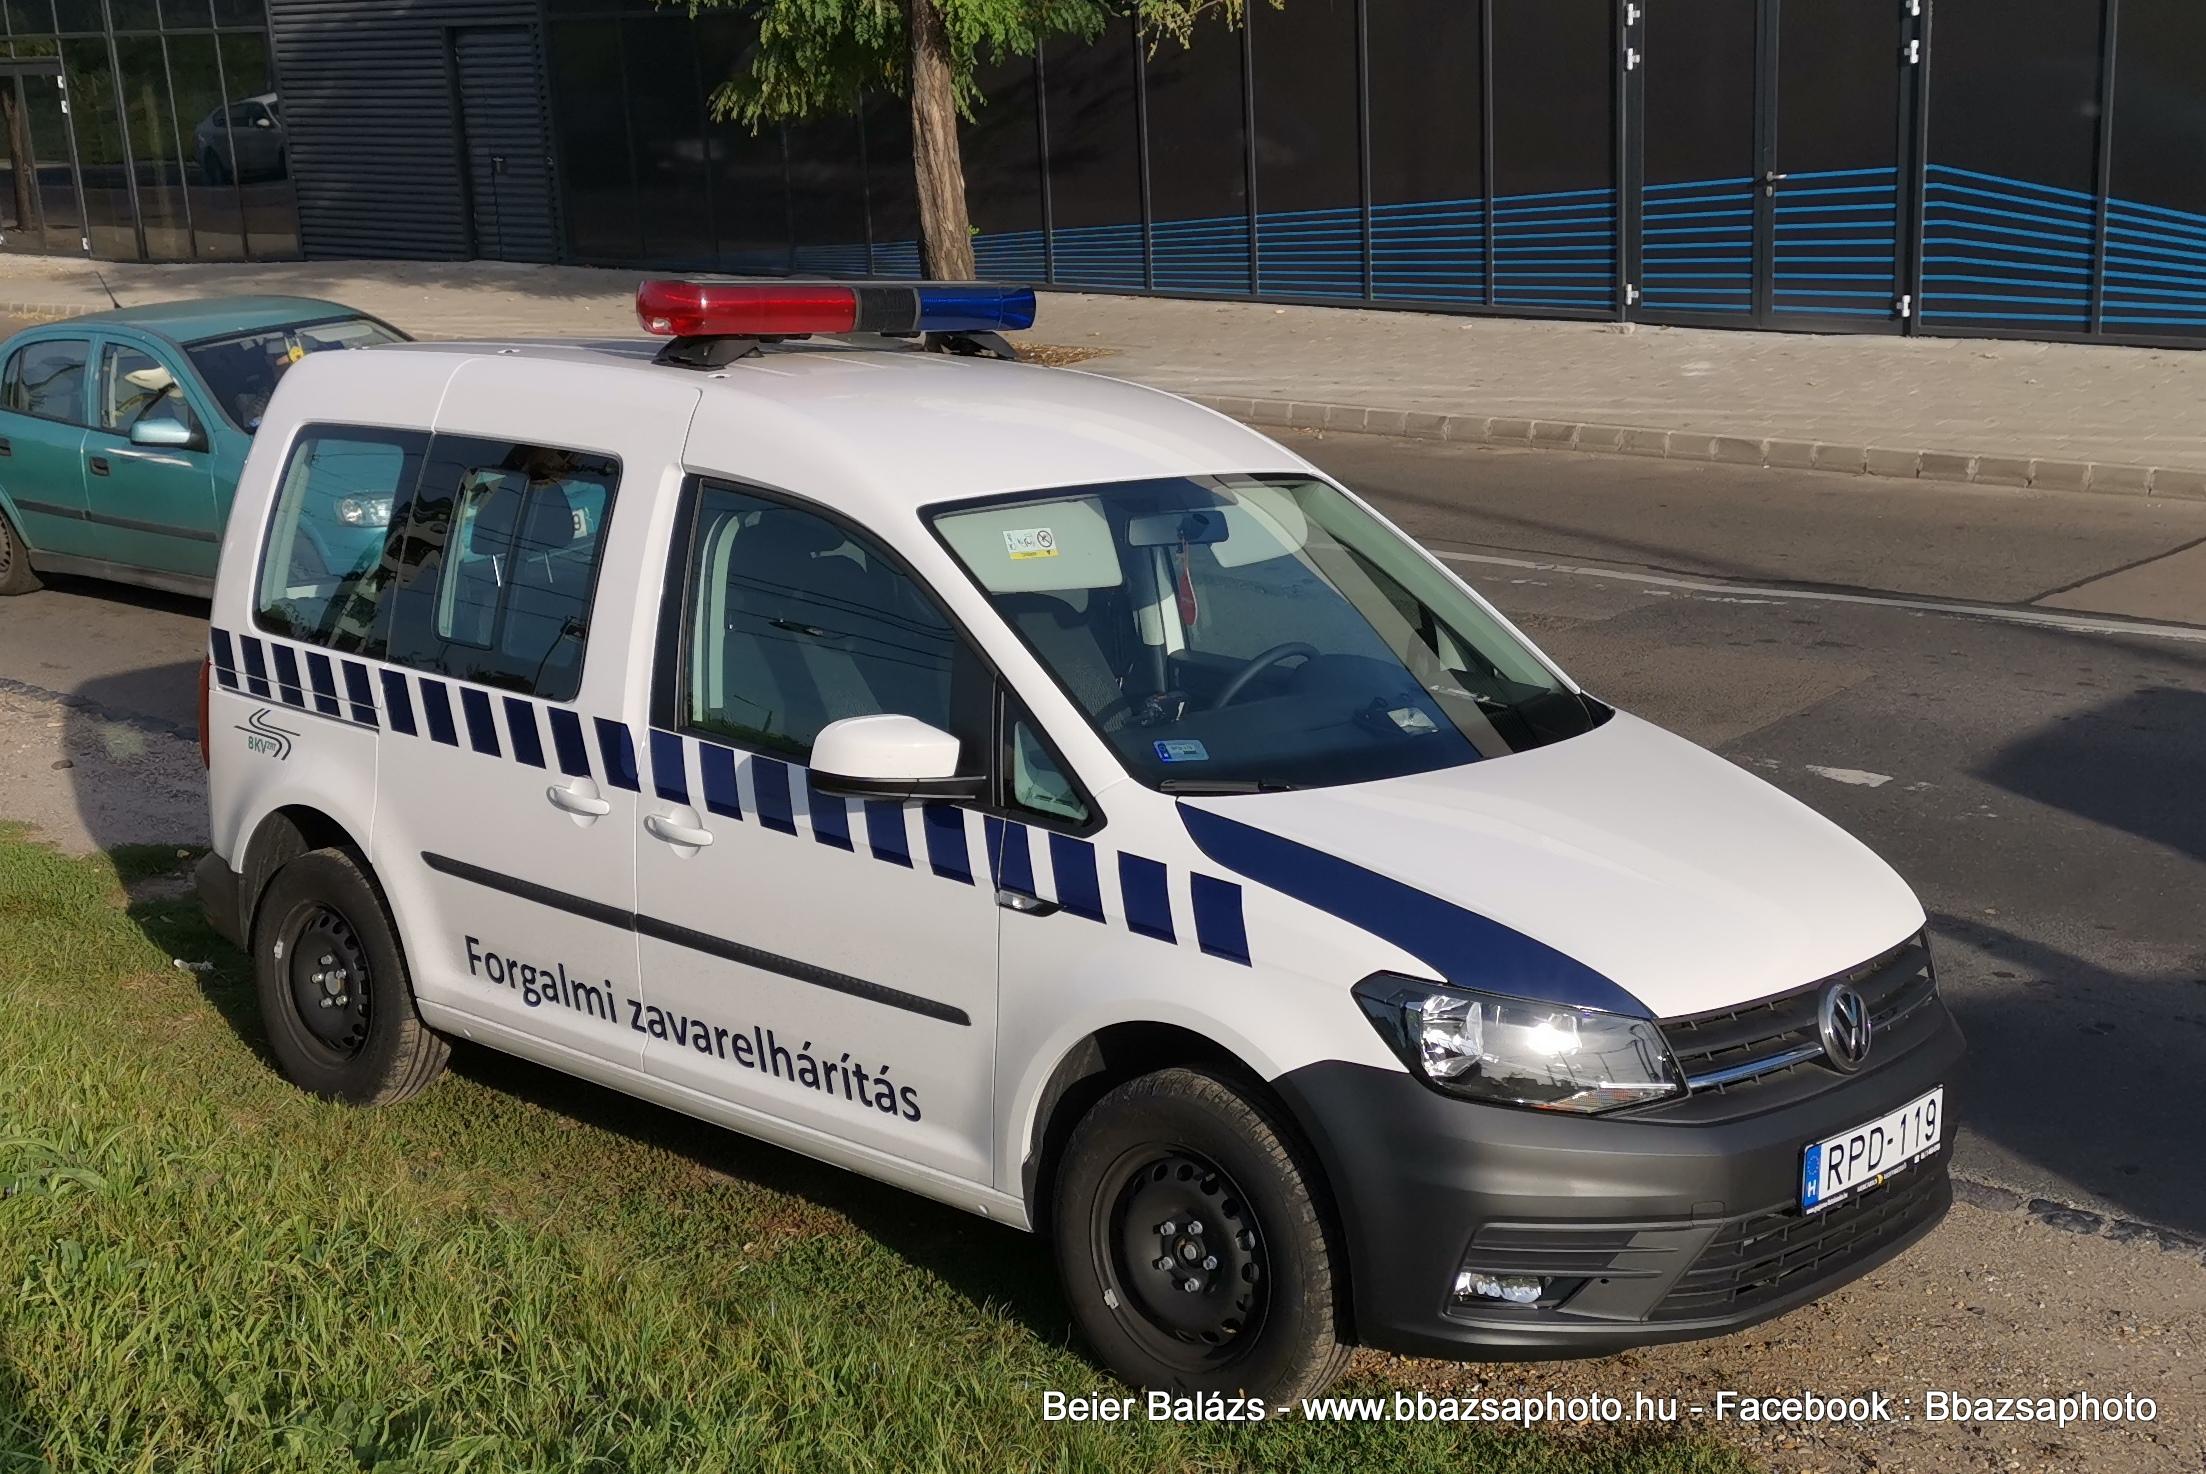 Volkswagen Caddy II – Forgalmi zavarelhárítás 2019